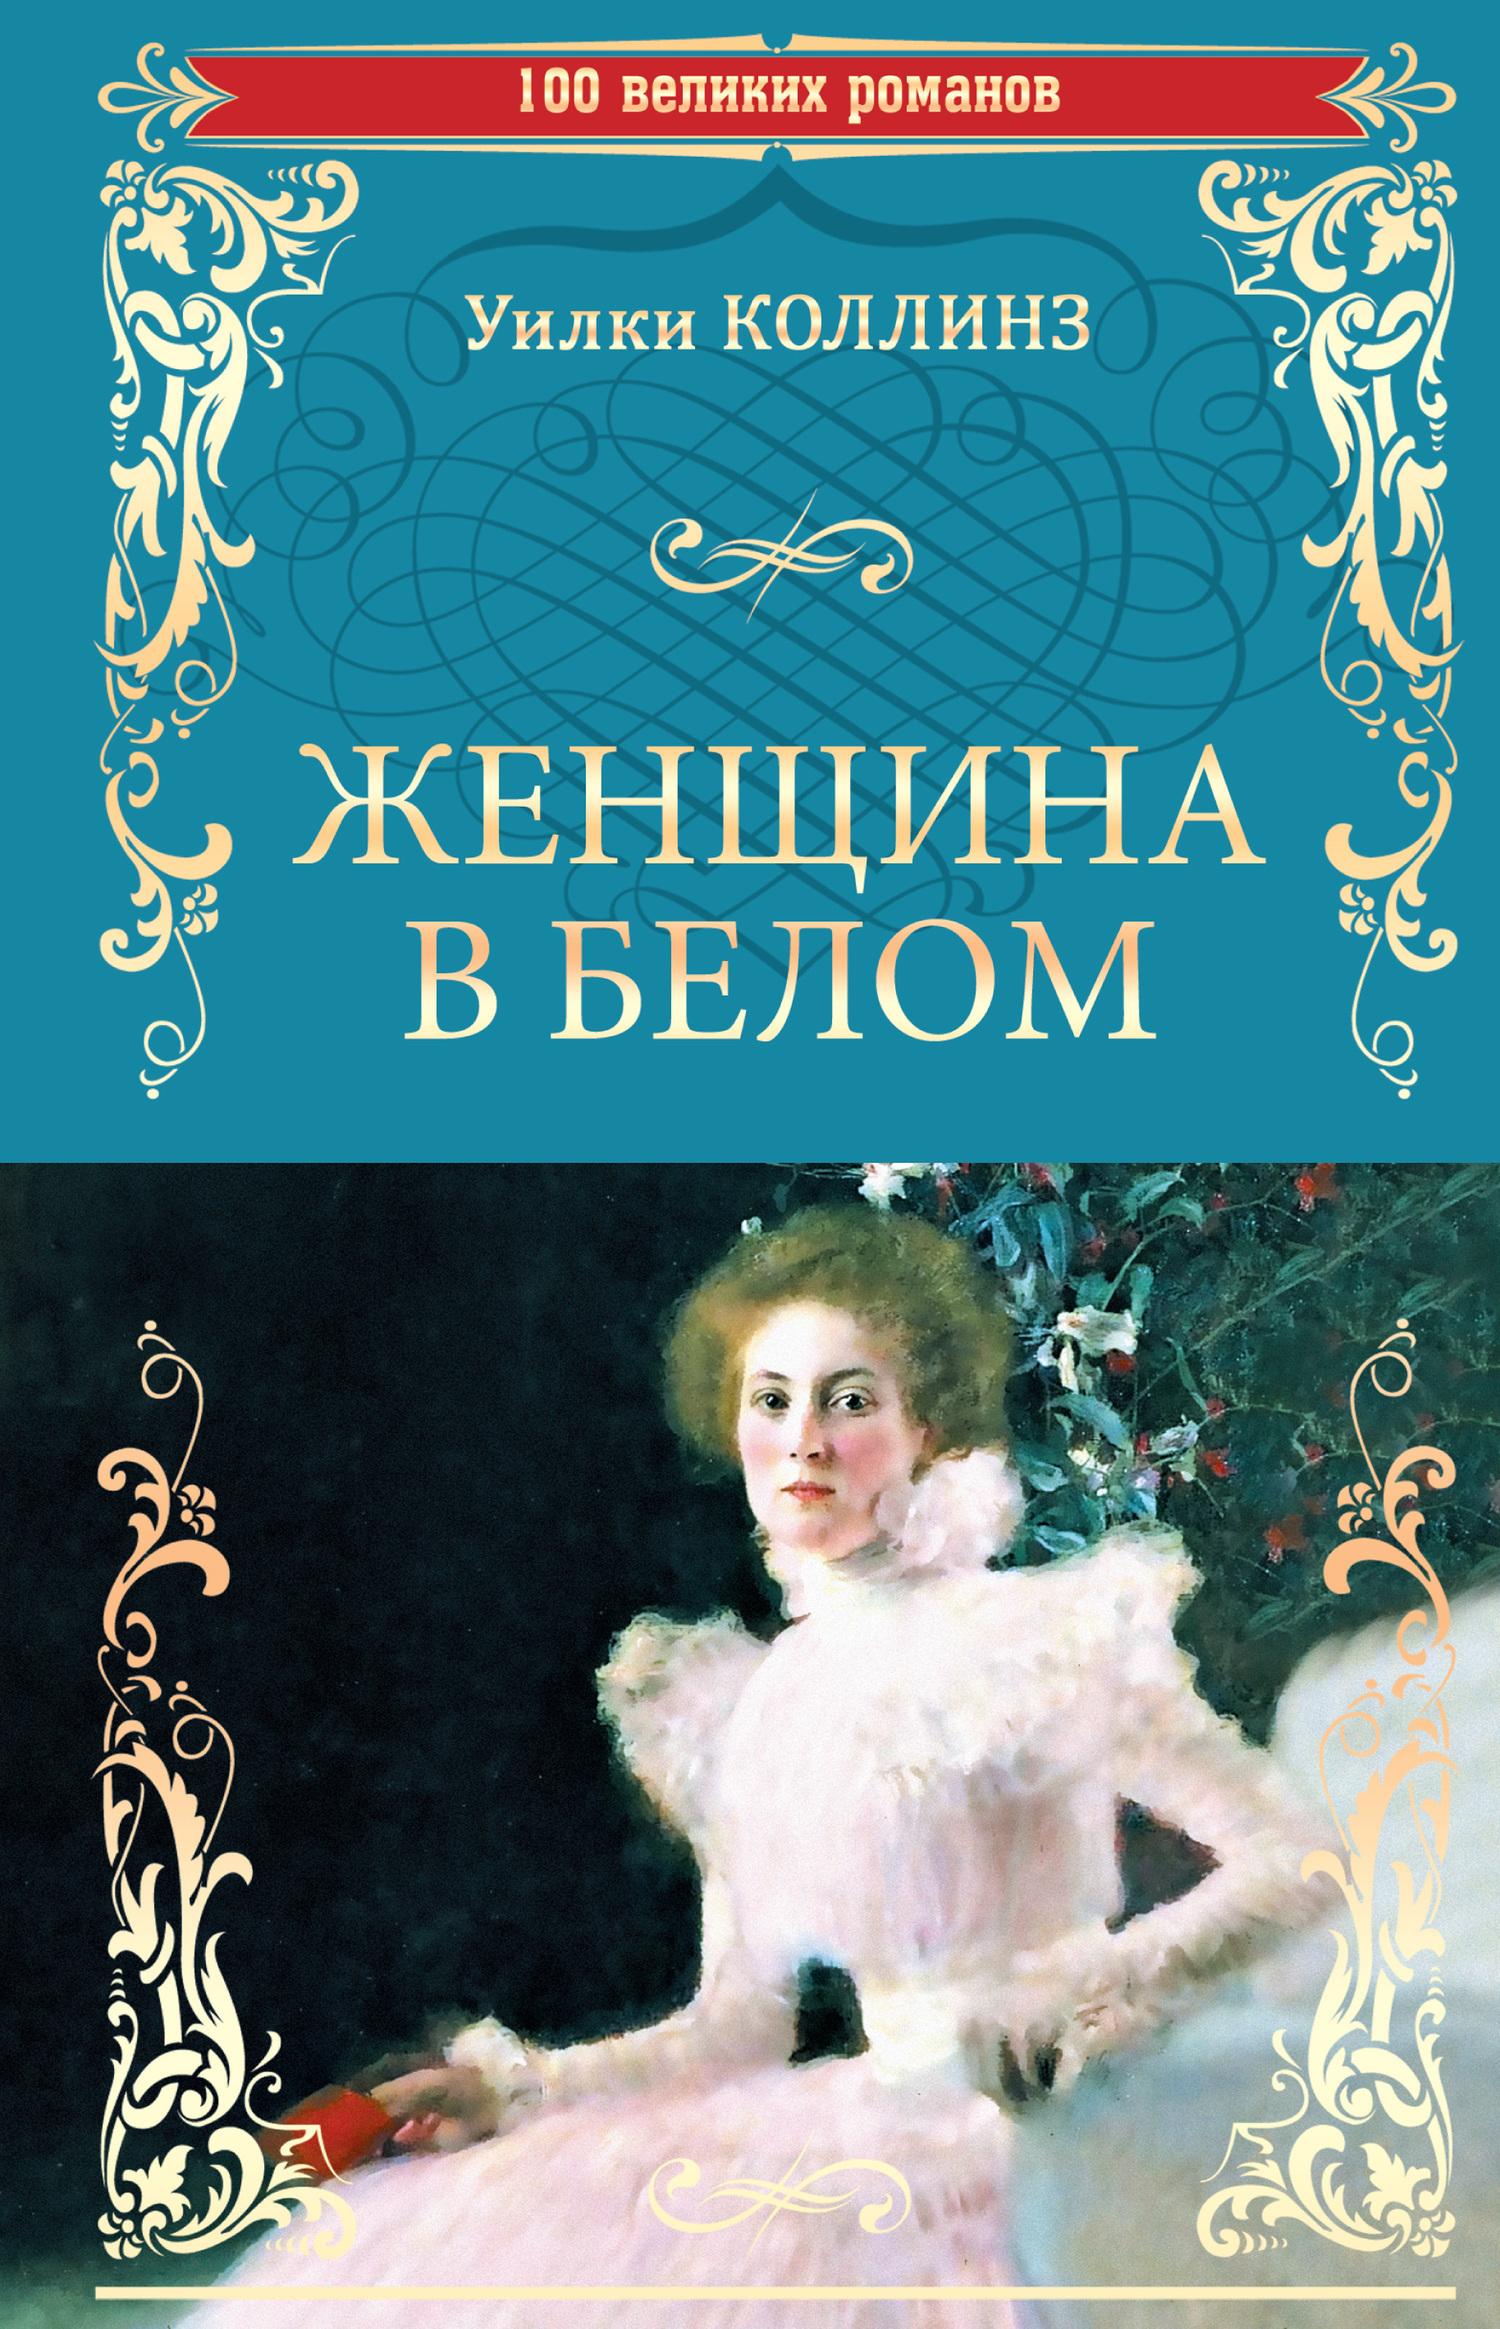 Уильям Коллинз - Женщина в белом